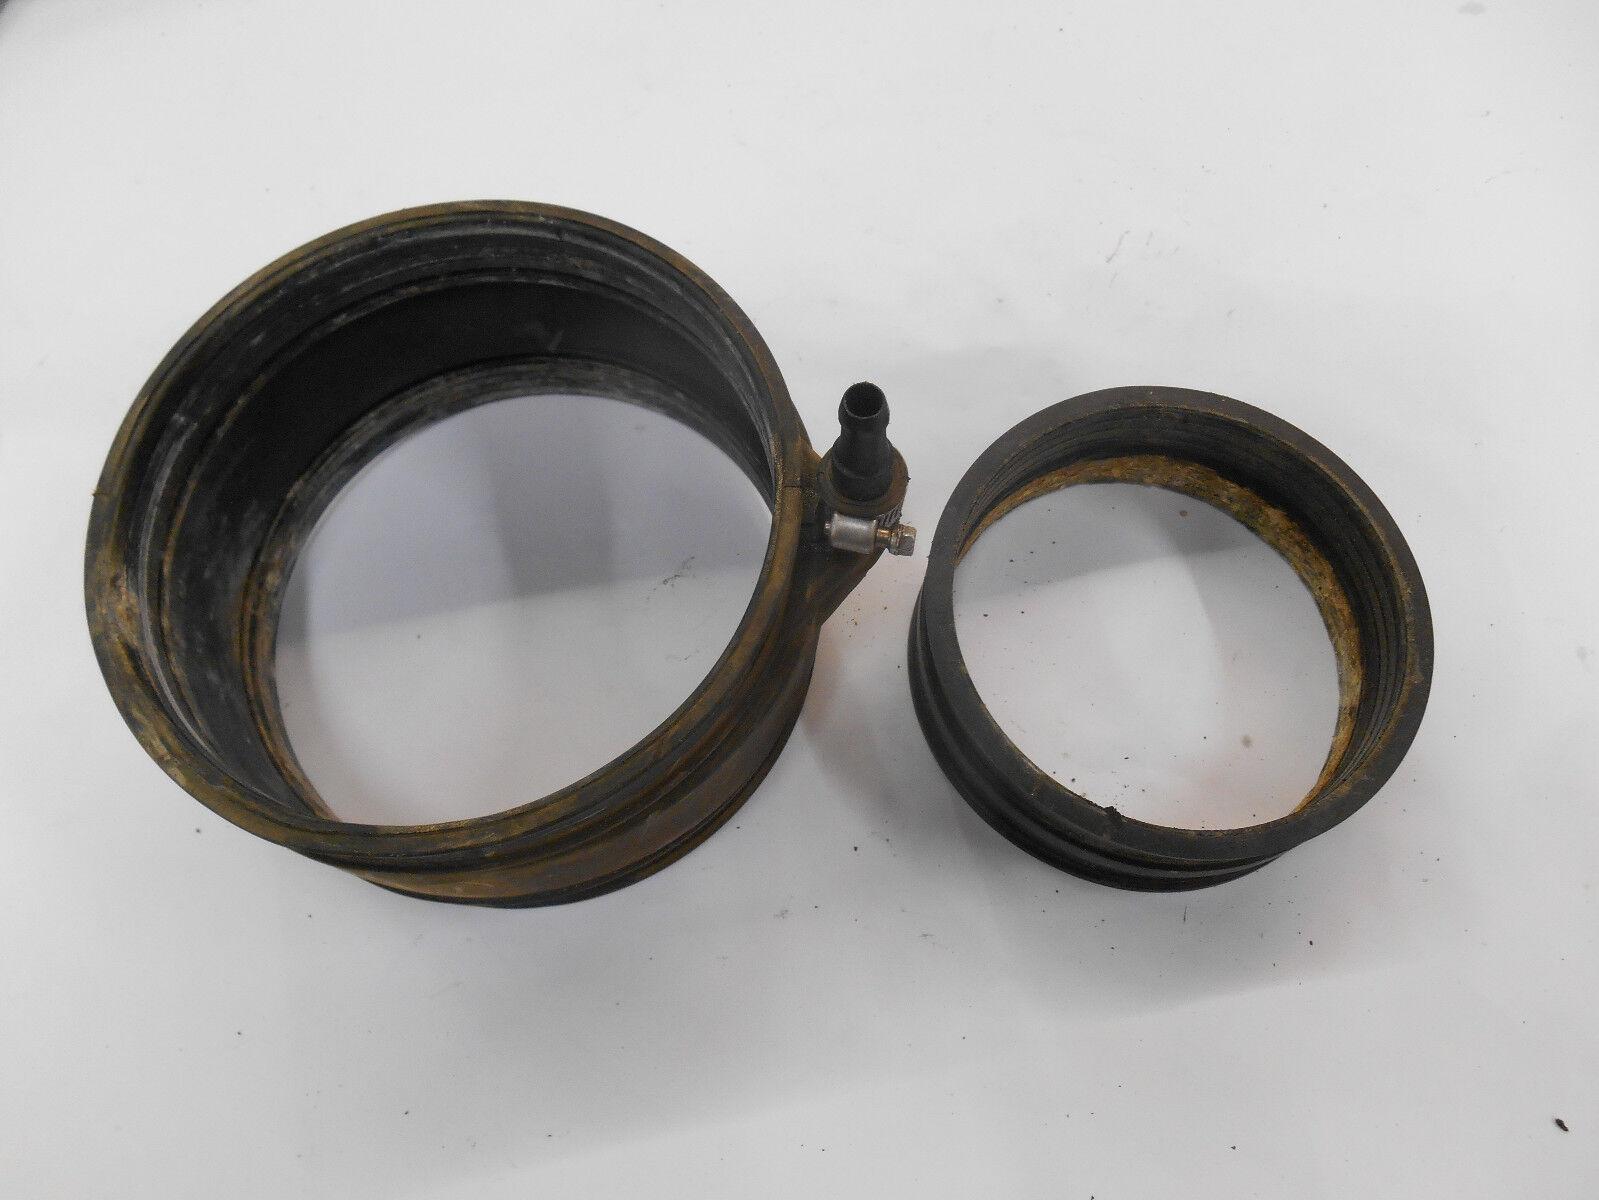 07 YAMAHA VX 110 EXHAUST RUBBER COUPLER JOINT hose inner outer VX110